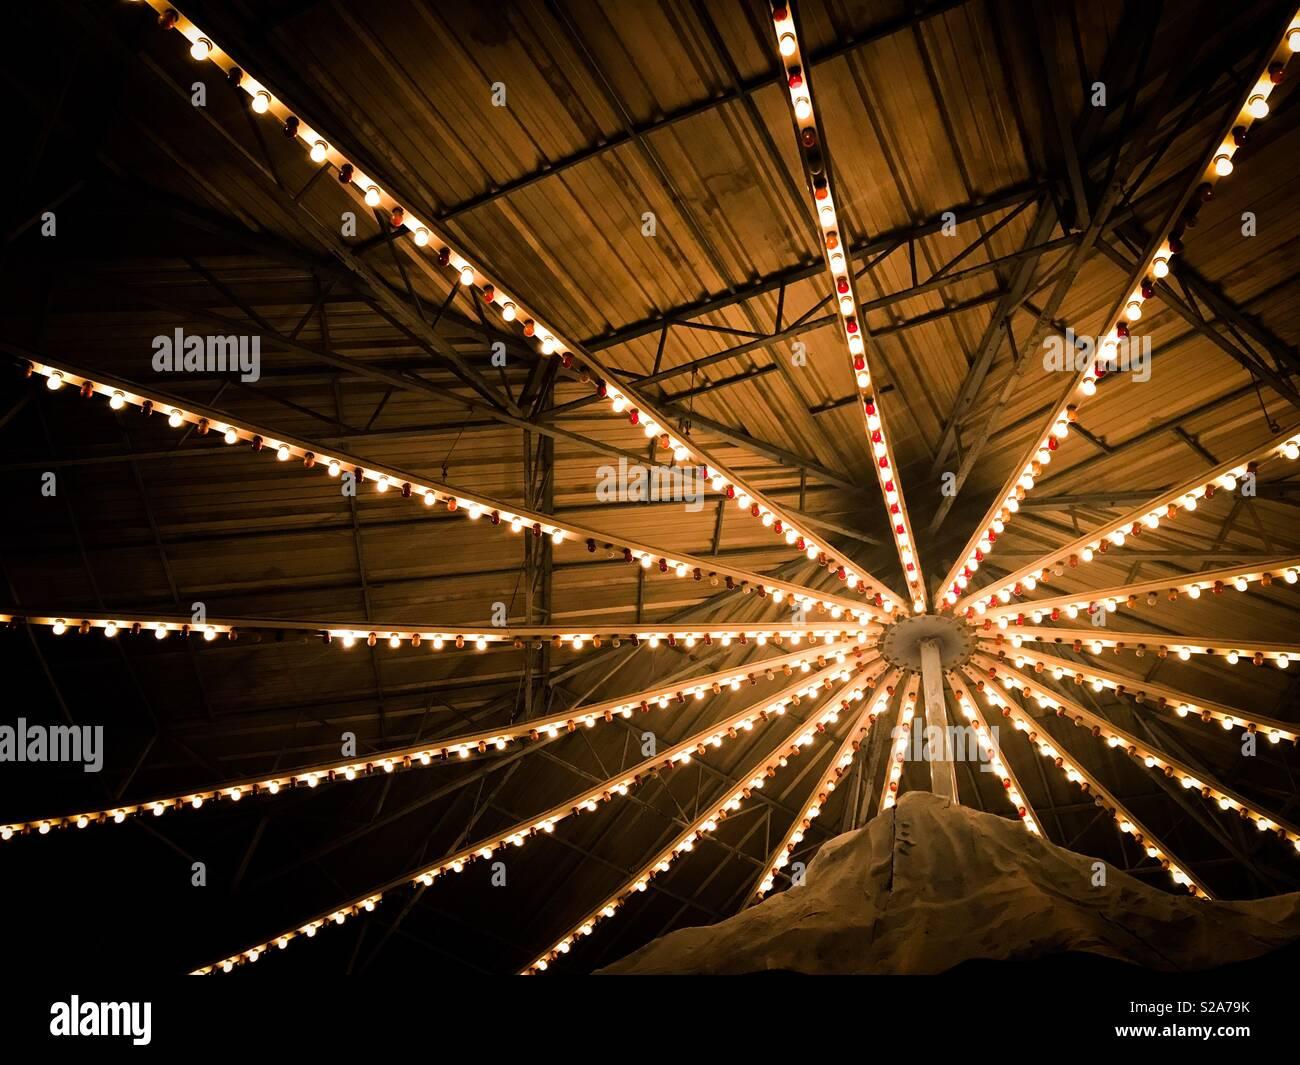 Plafond éclairé au carnaval Photo Stock